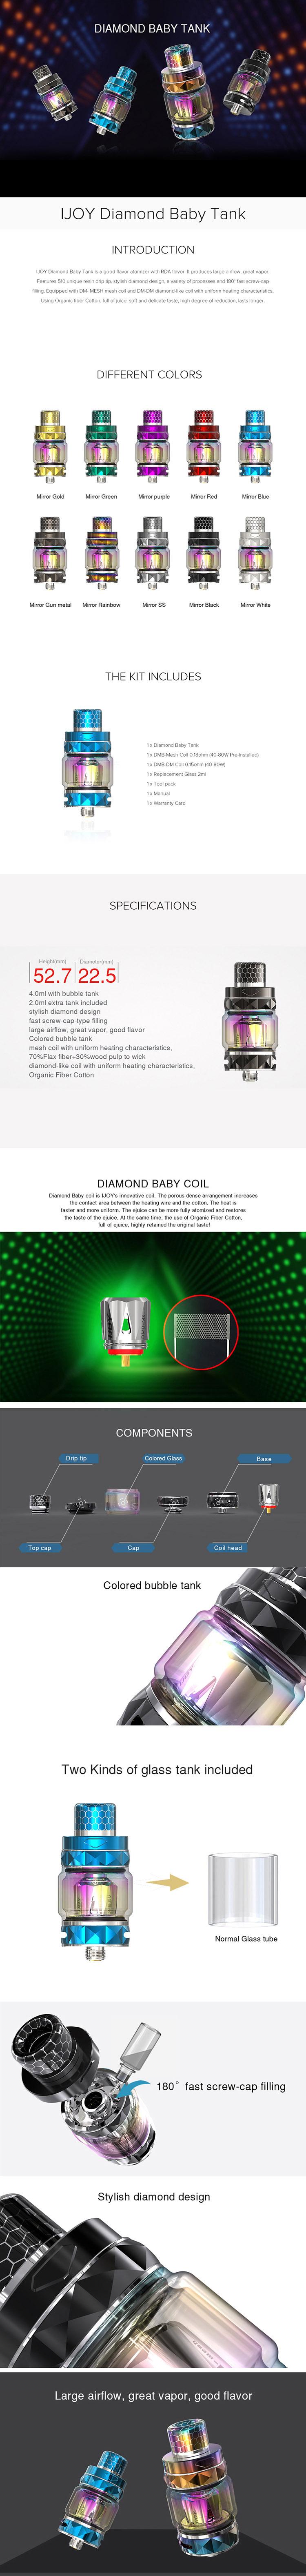 IJOY Diamond Baby Tank Atomizer